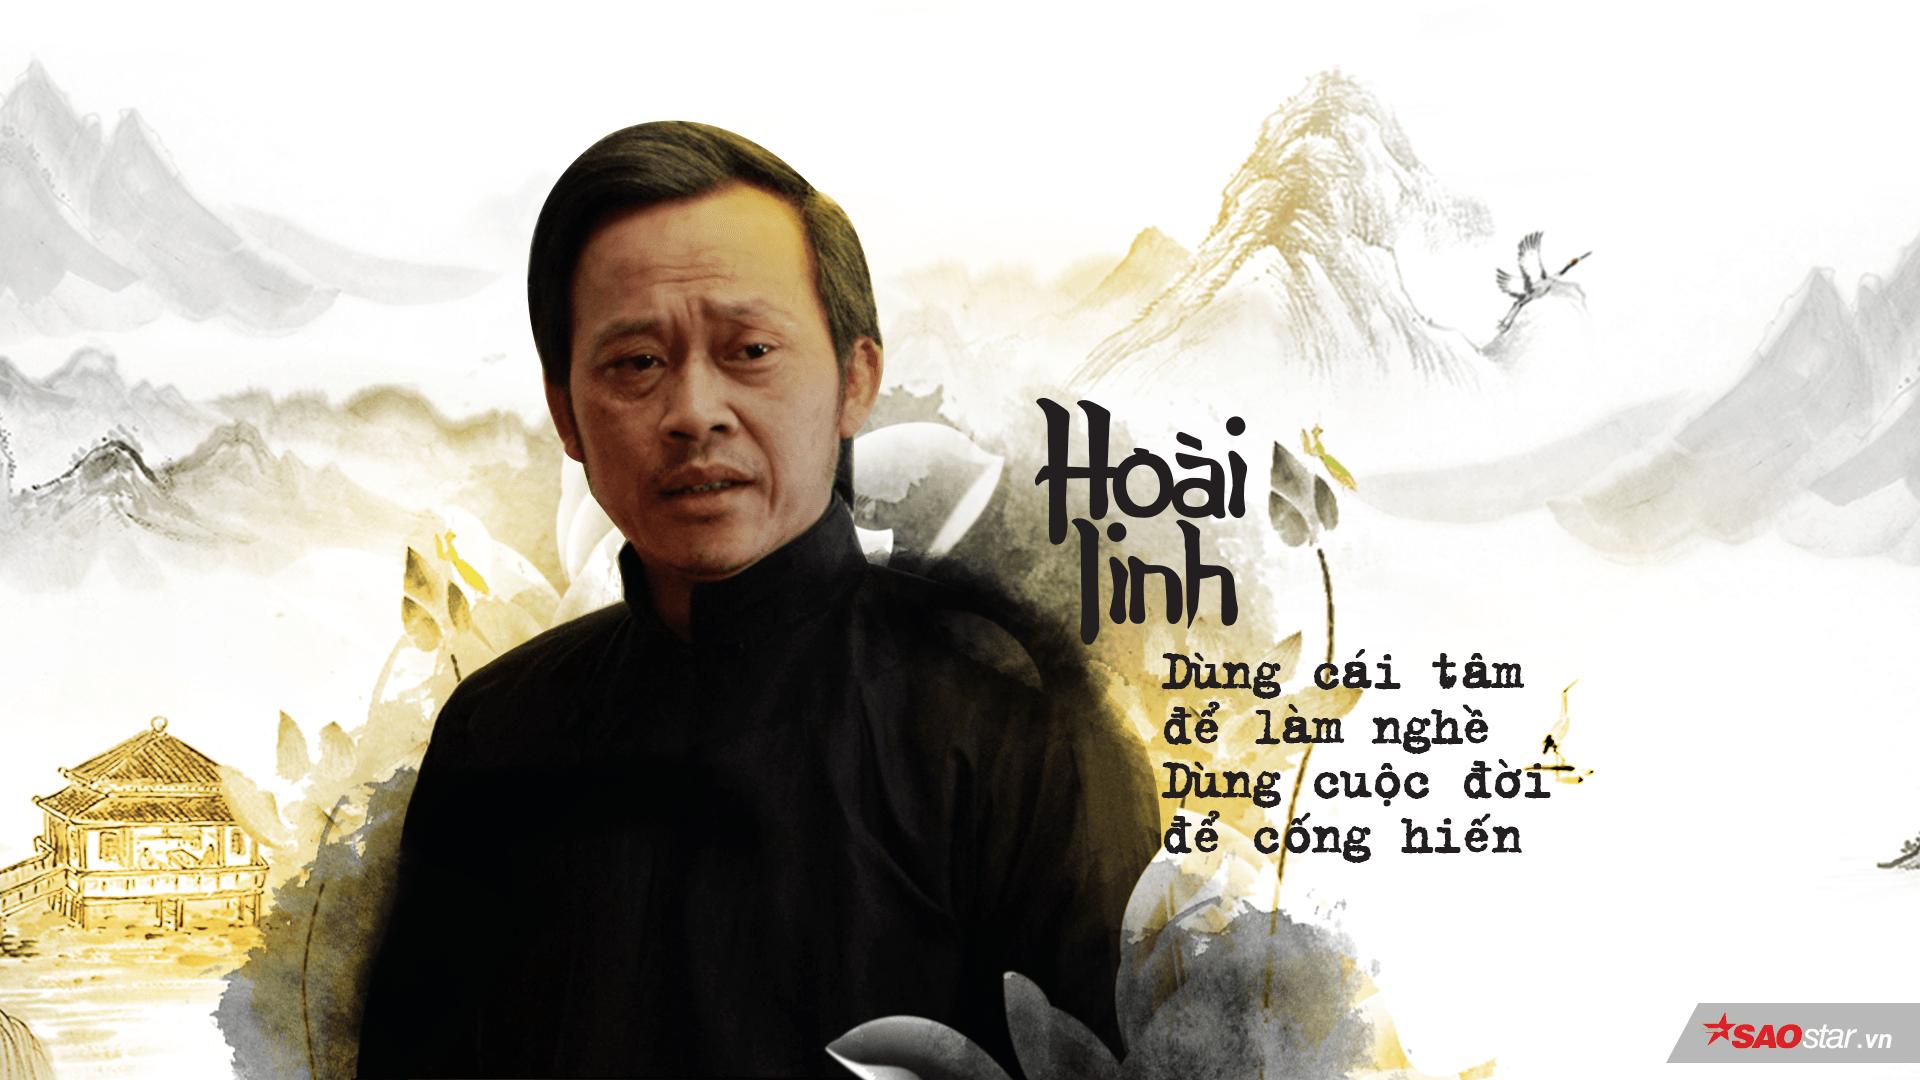 Nghệ sĩ Hoài Linh: Dùng cái tâm để làm nghề - Dùng cuộc đời để cống hiến